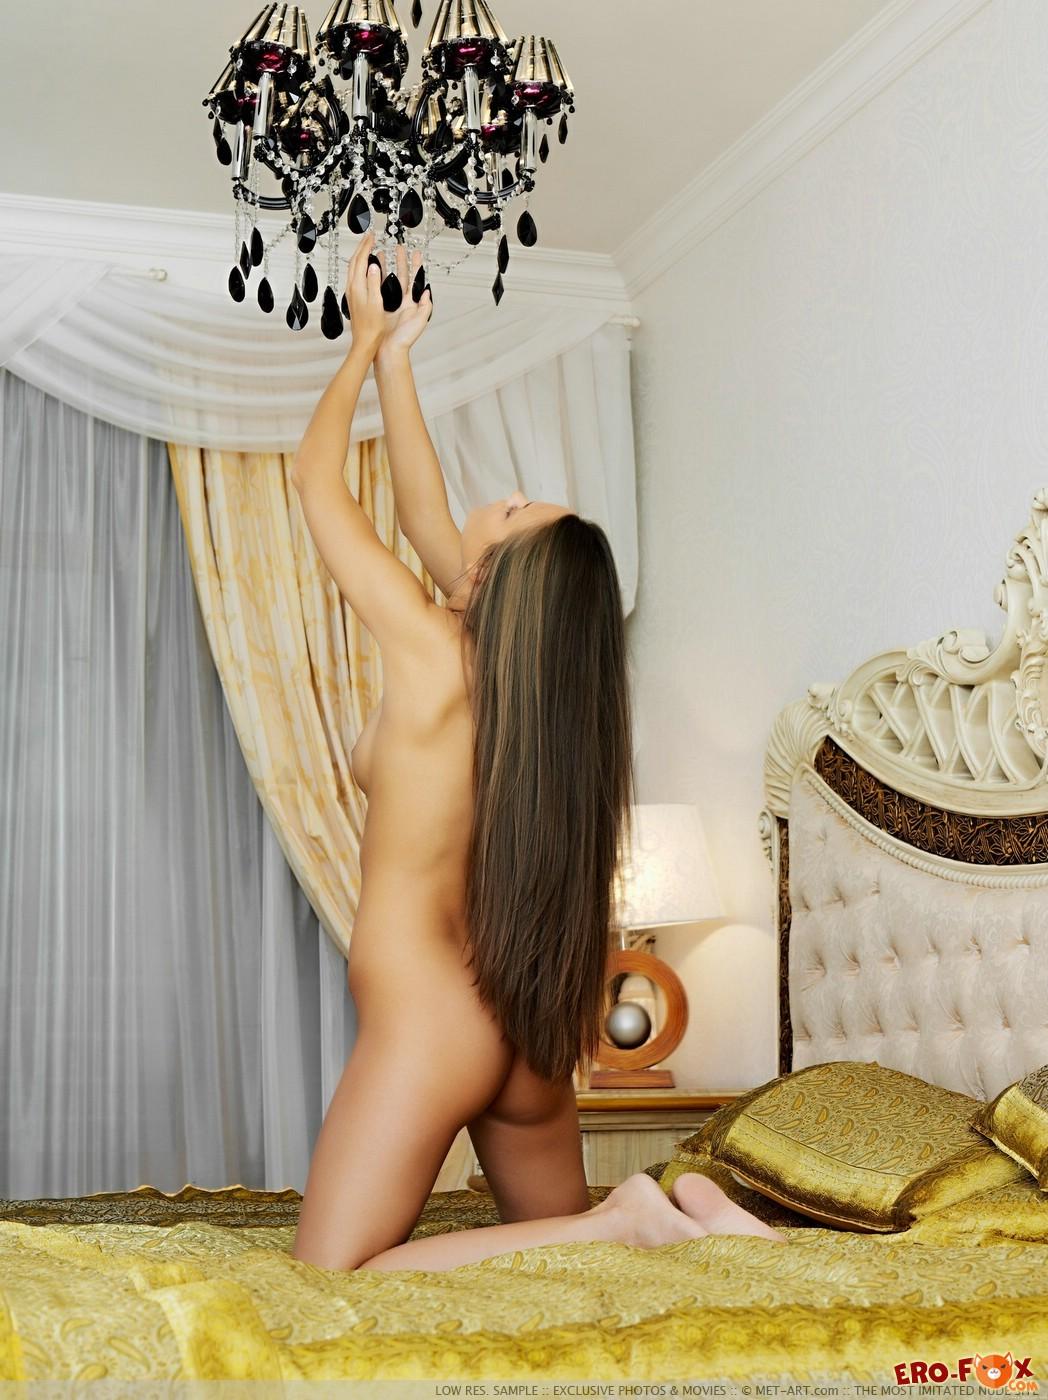 Соблазнительная моделька резвится в спальне - фото